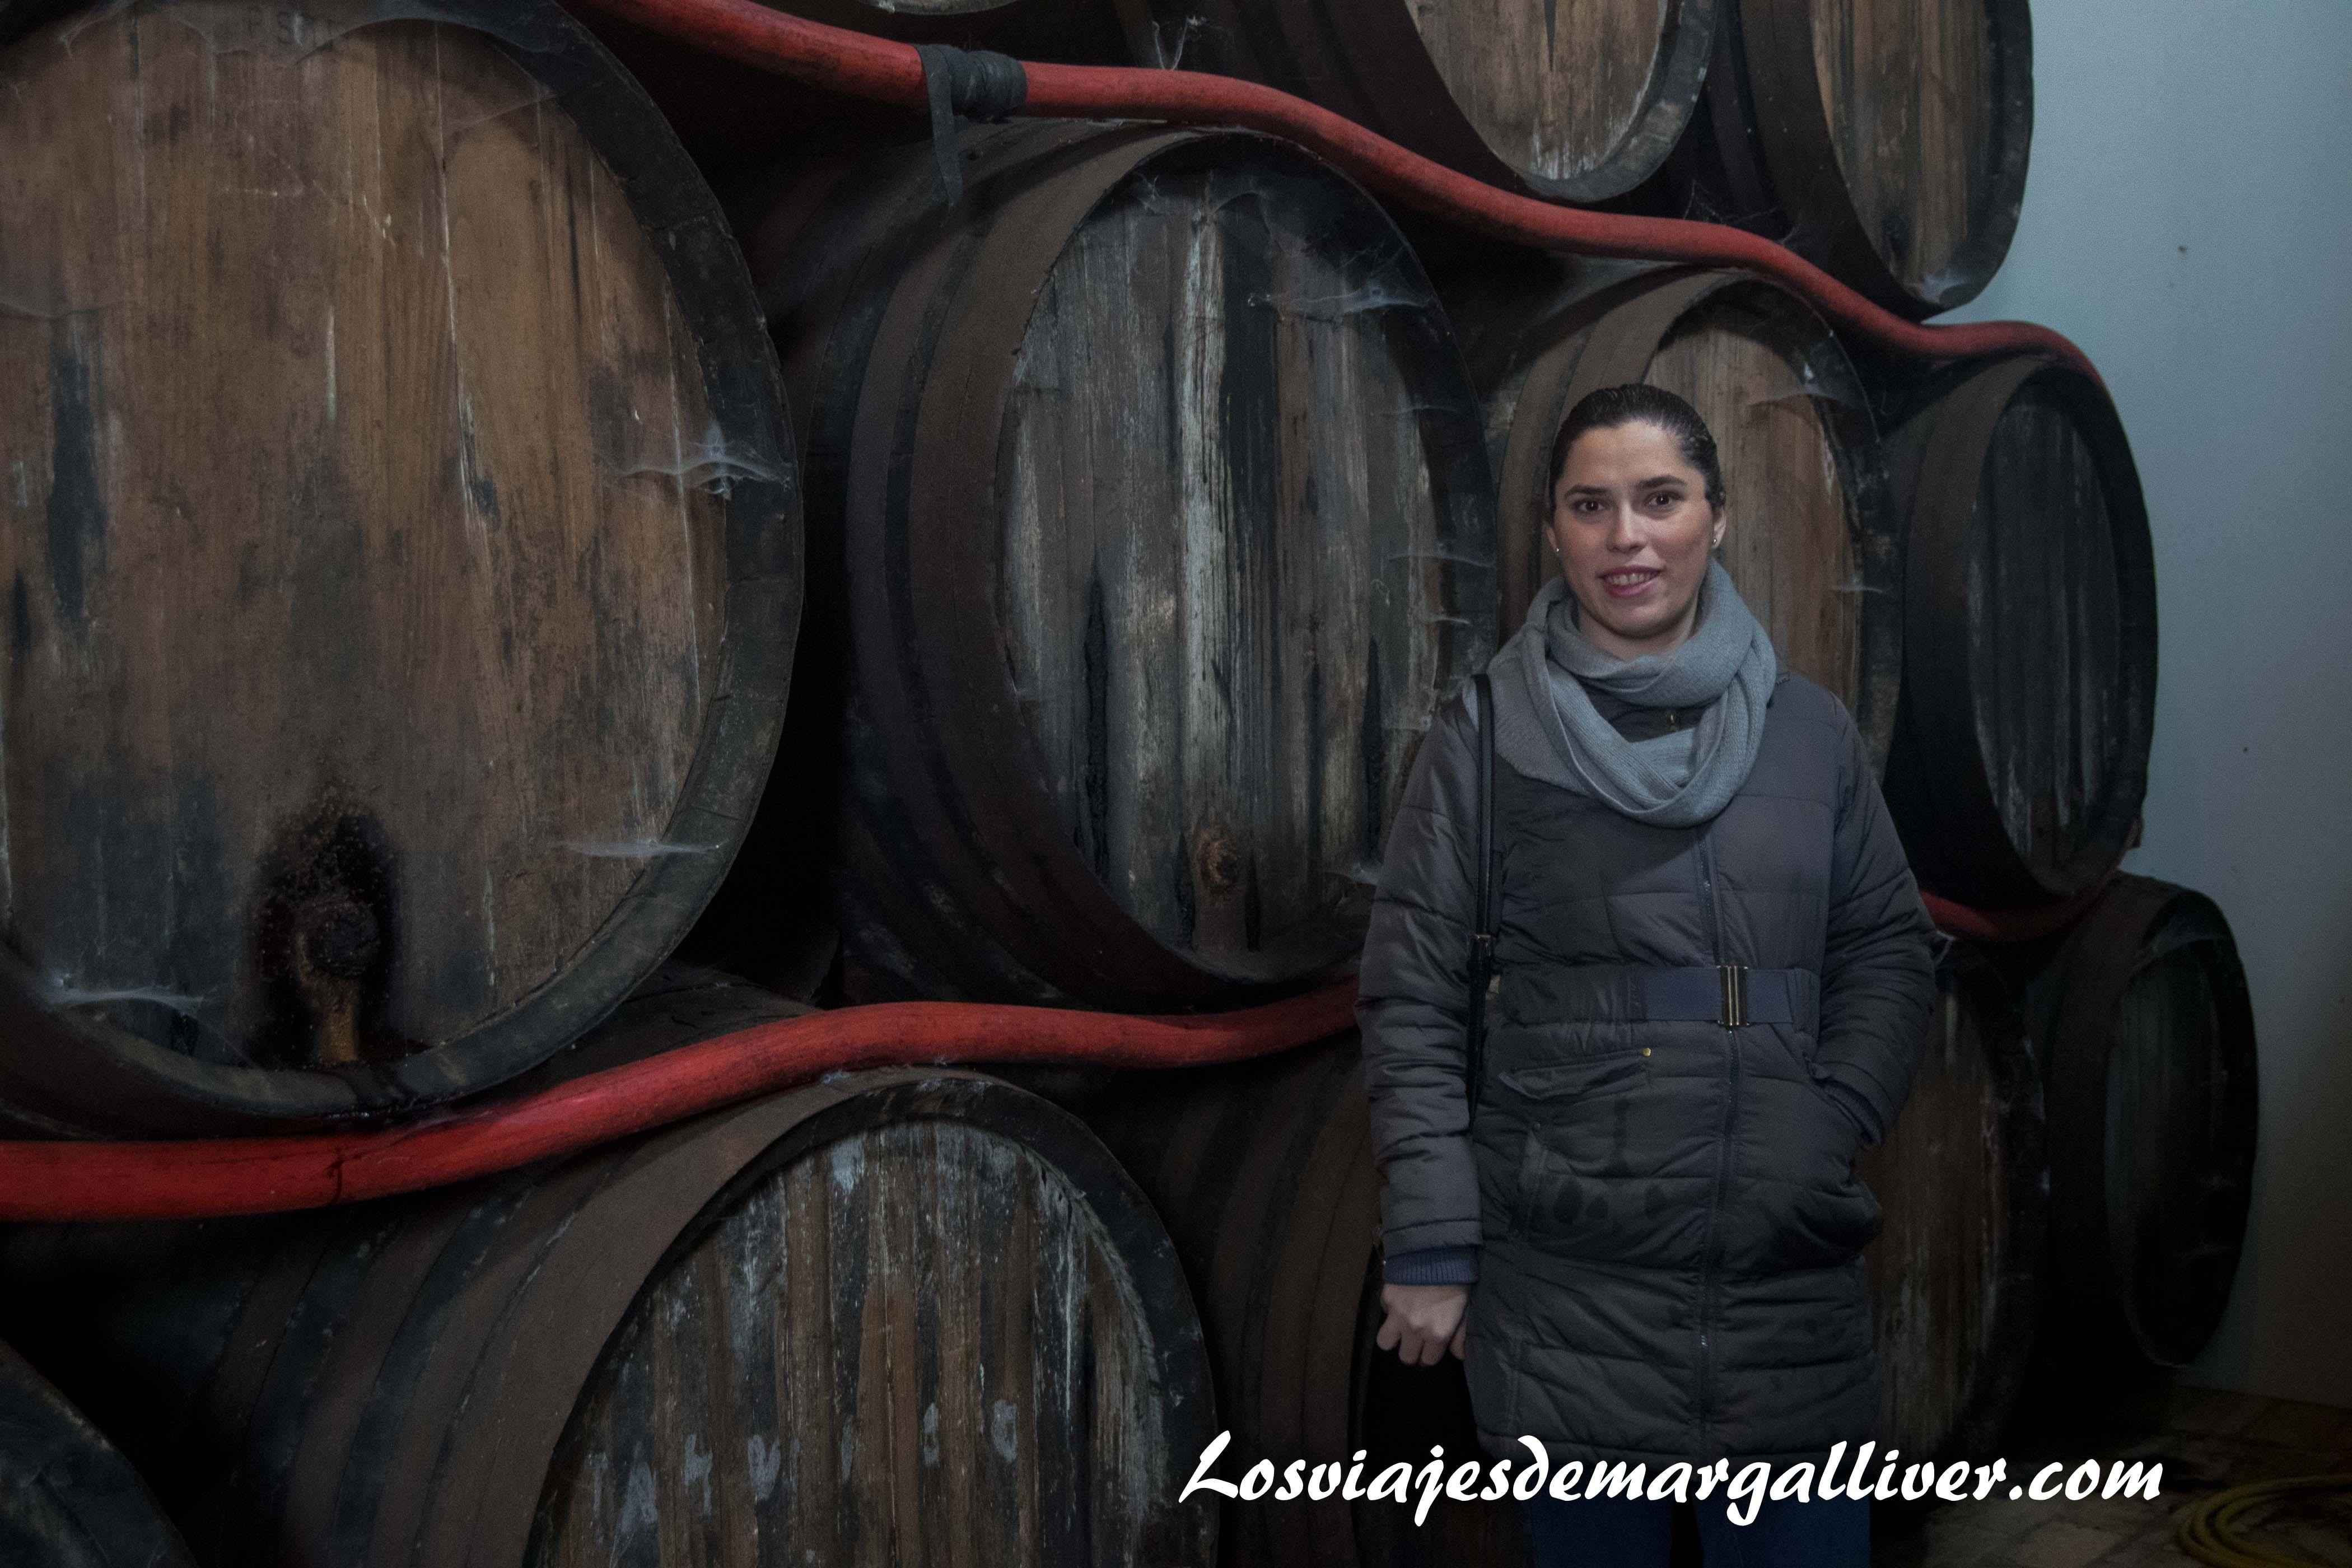 Bocoyes de 600 litros de la bodega Contreras Enoberry - Los viajes de Margalliver